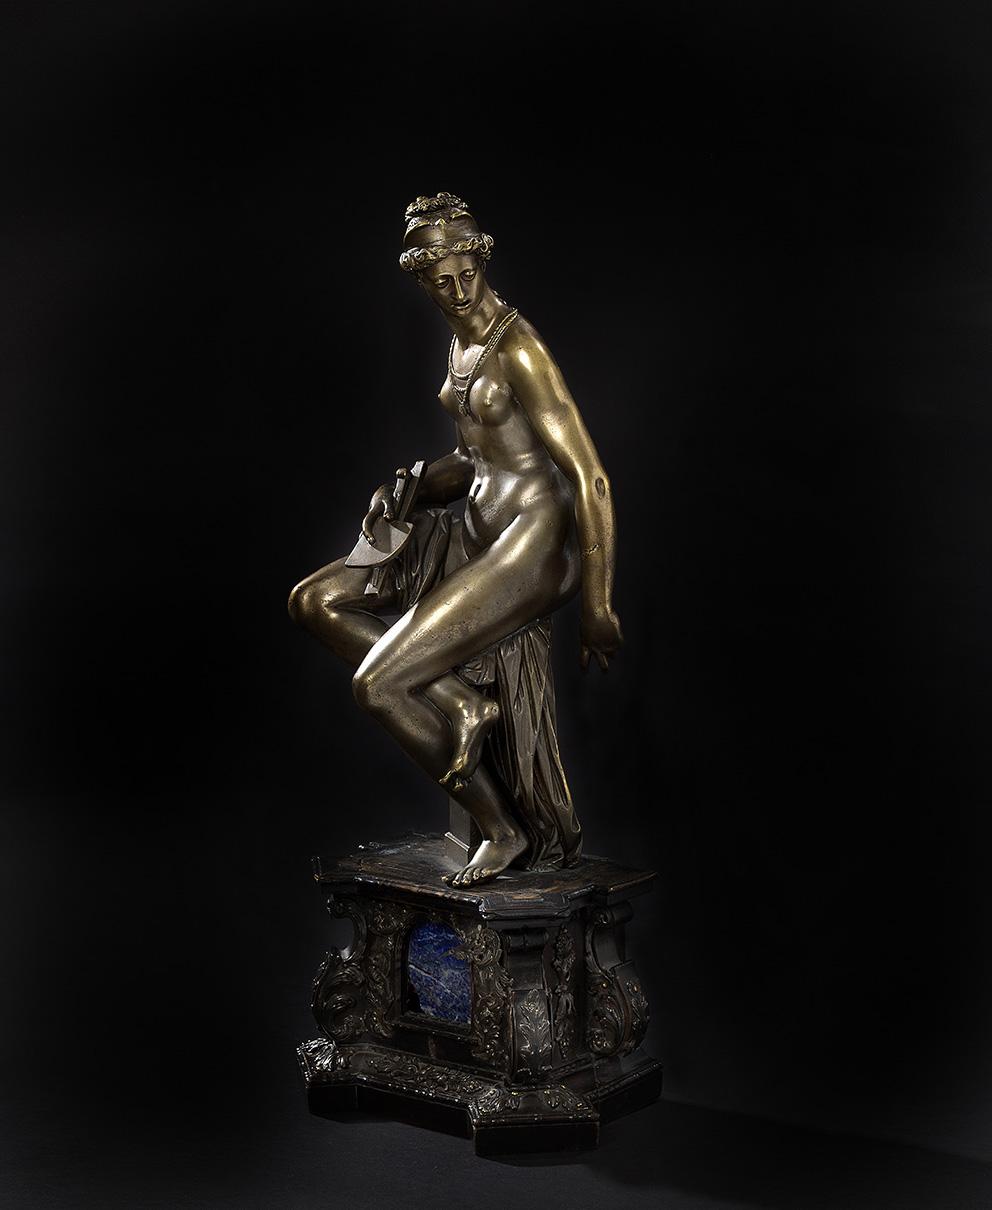 Florence, vers 1596, atelier Giambologna-Antonio Susini, allégorie de l'Architecture en bronze ciselé et anciennement argenté, signée «GIO